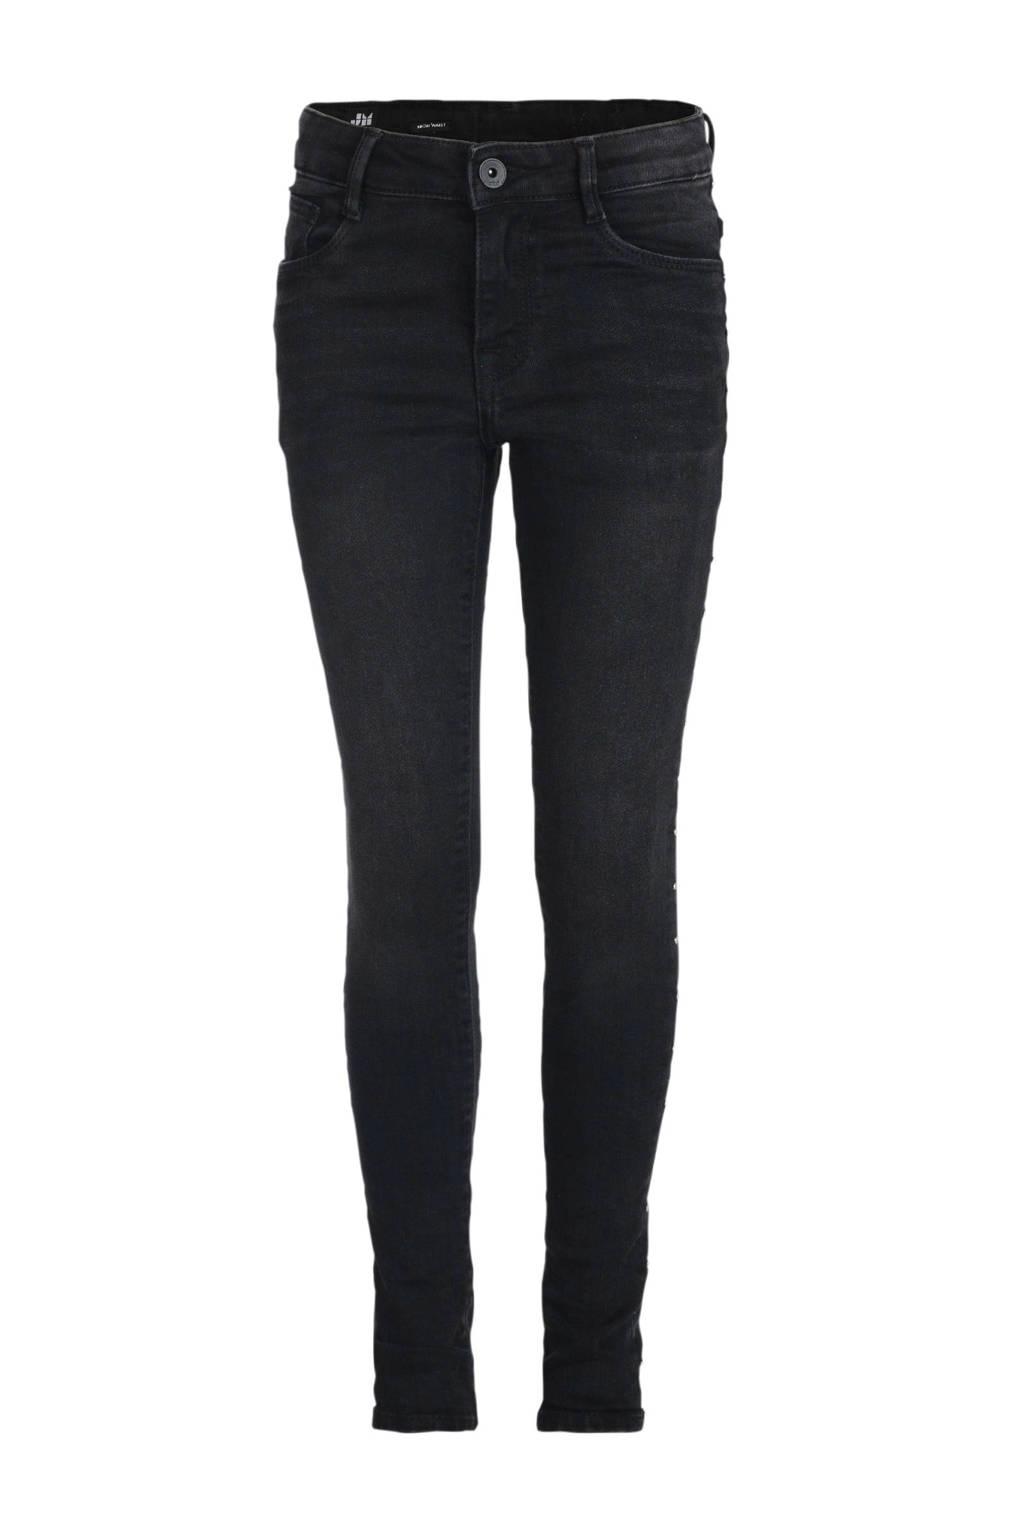 Shoeby Jill & Mitch high waist skinny jeans Kimberley zwart, Zwart